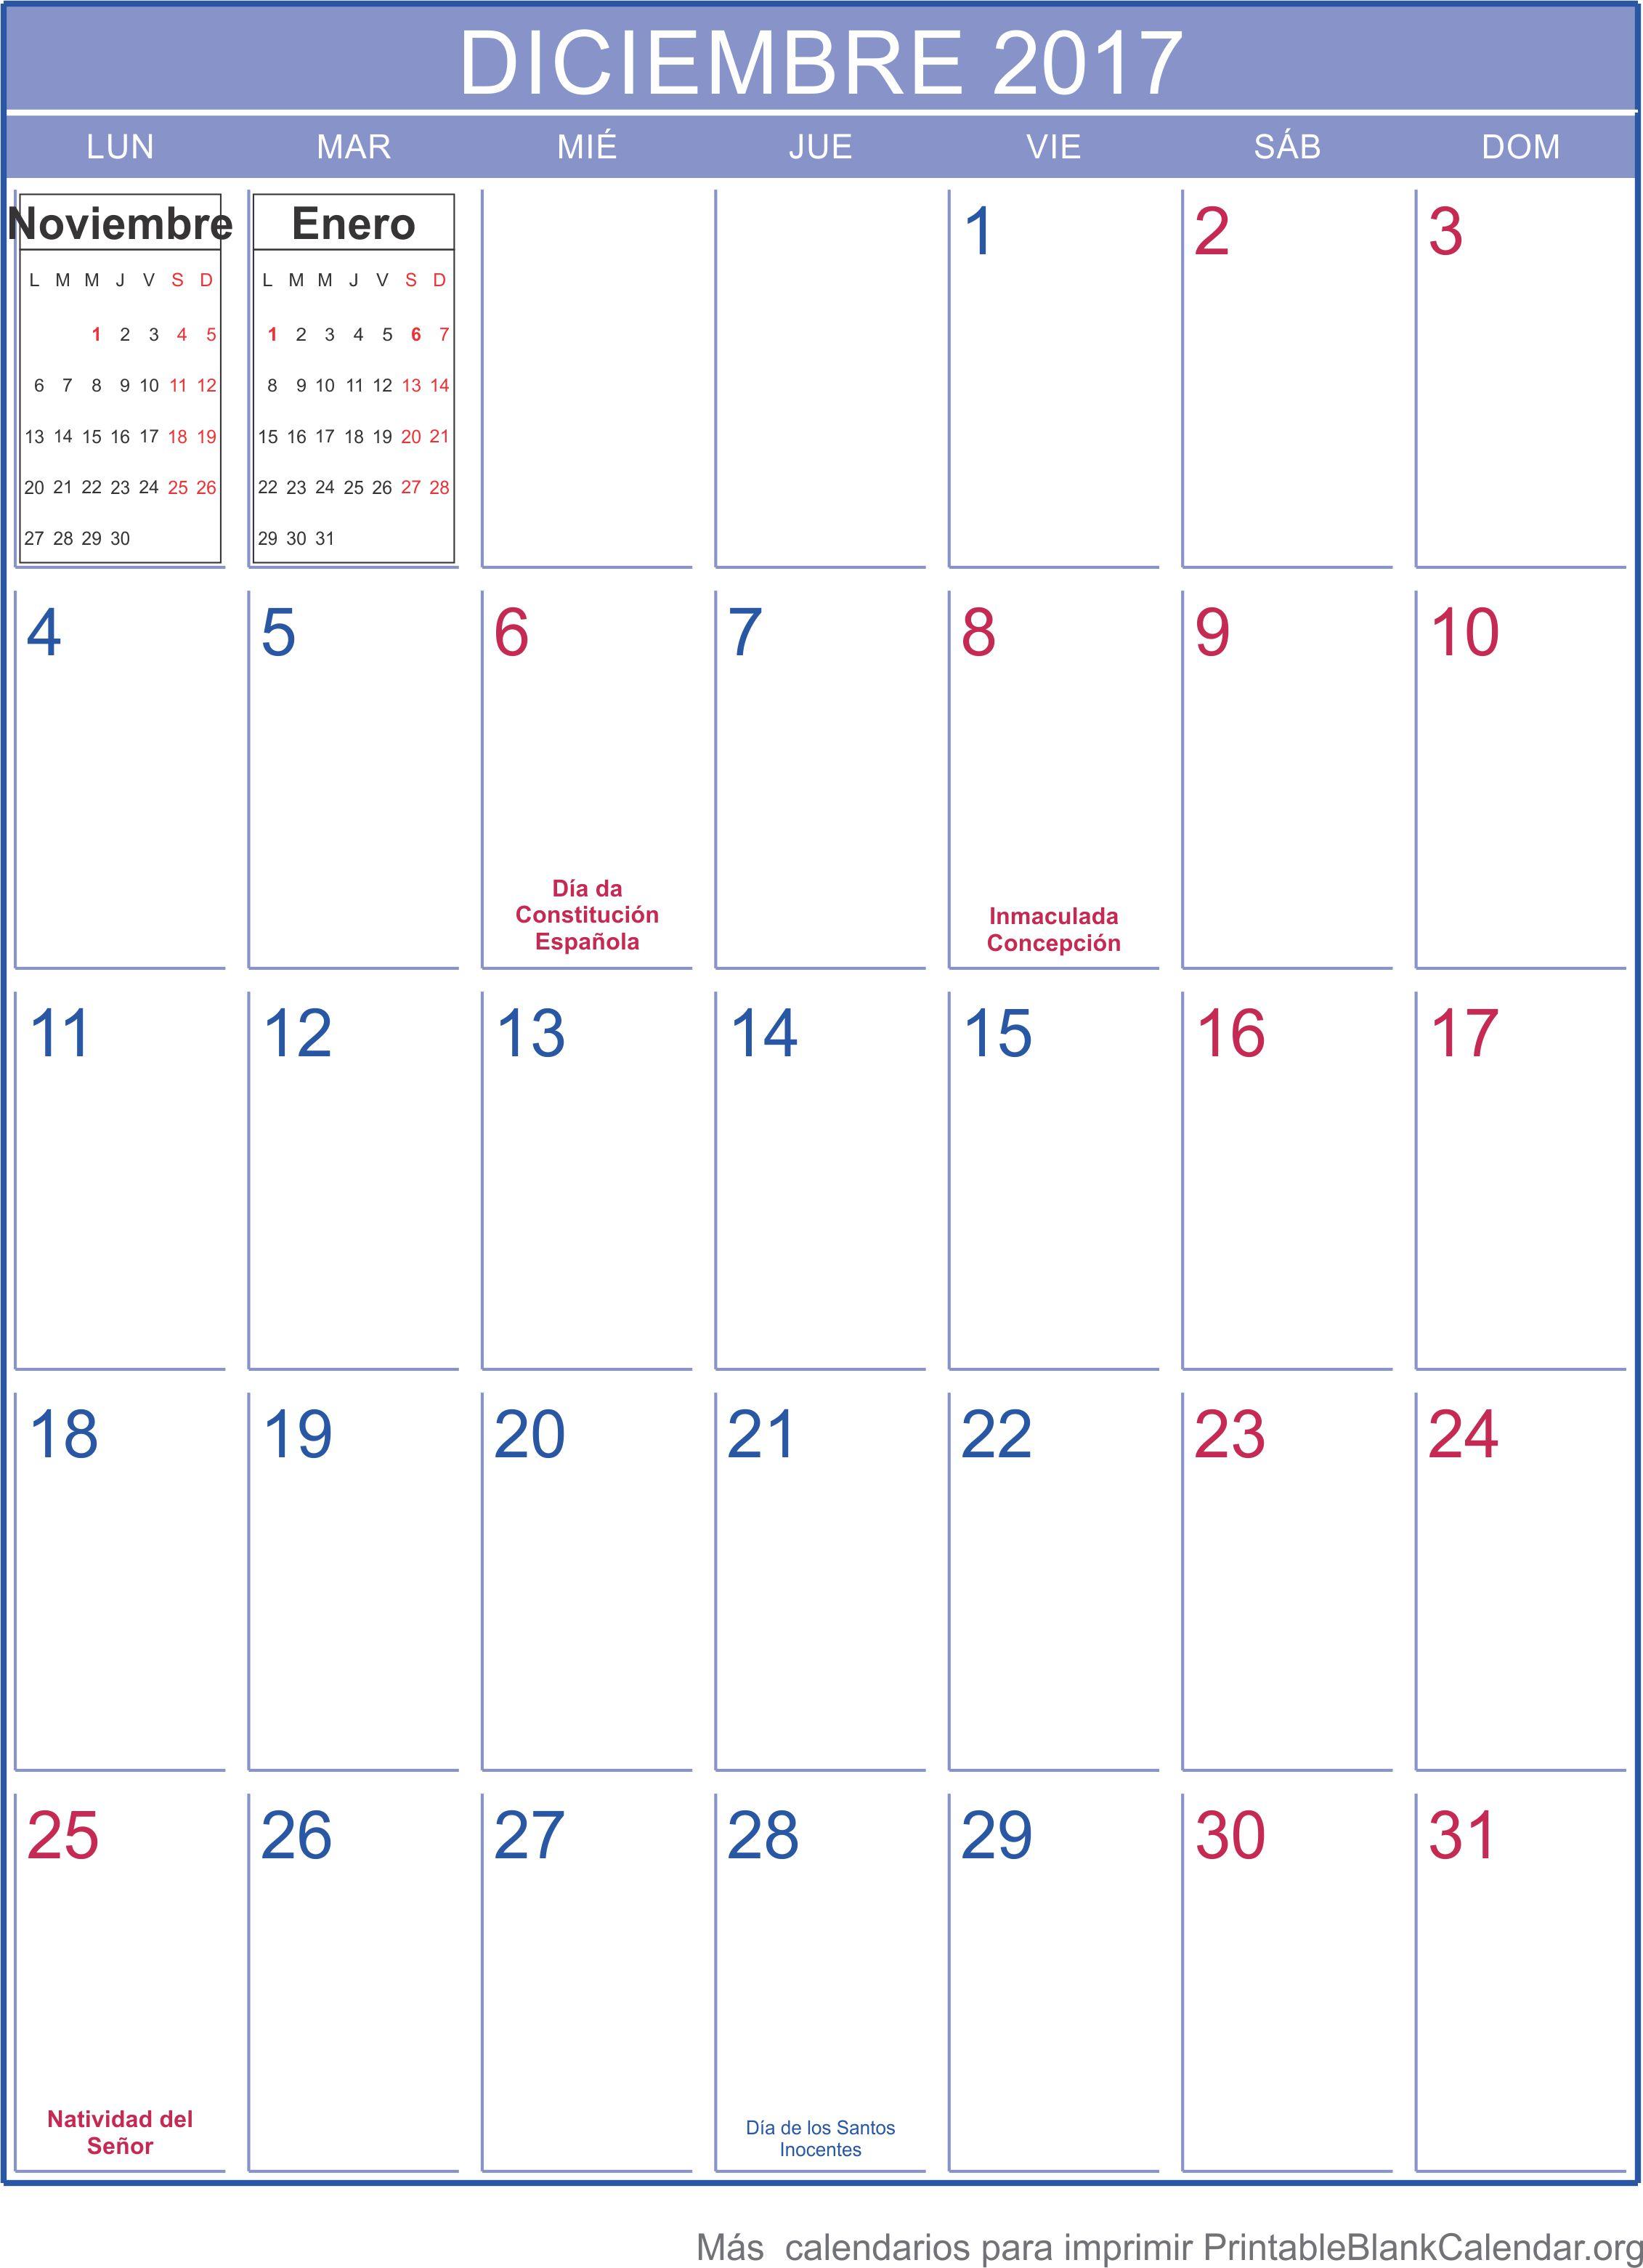 imprimir calendario deciembre 2017